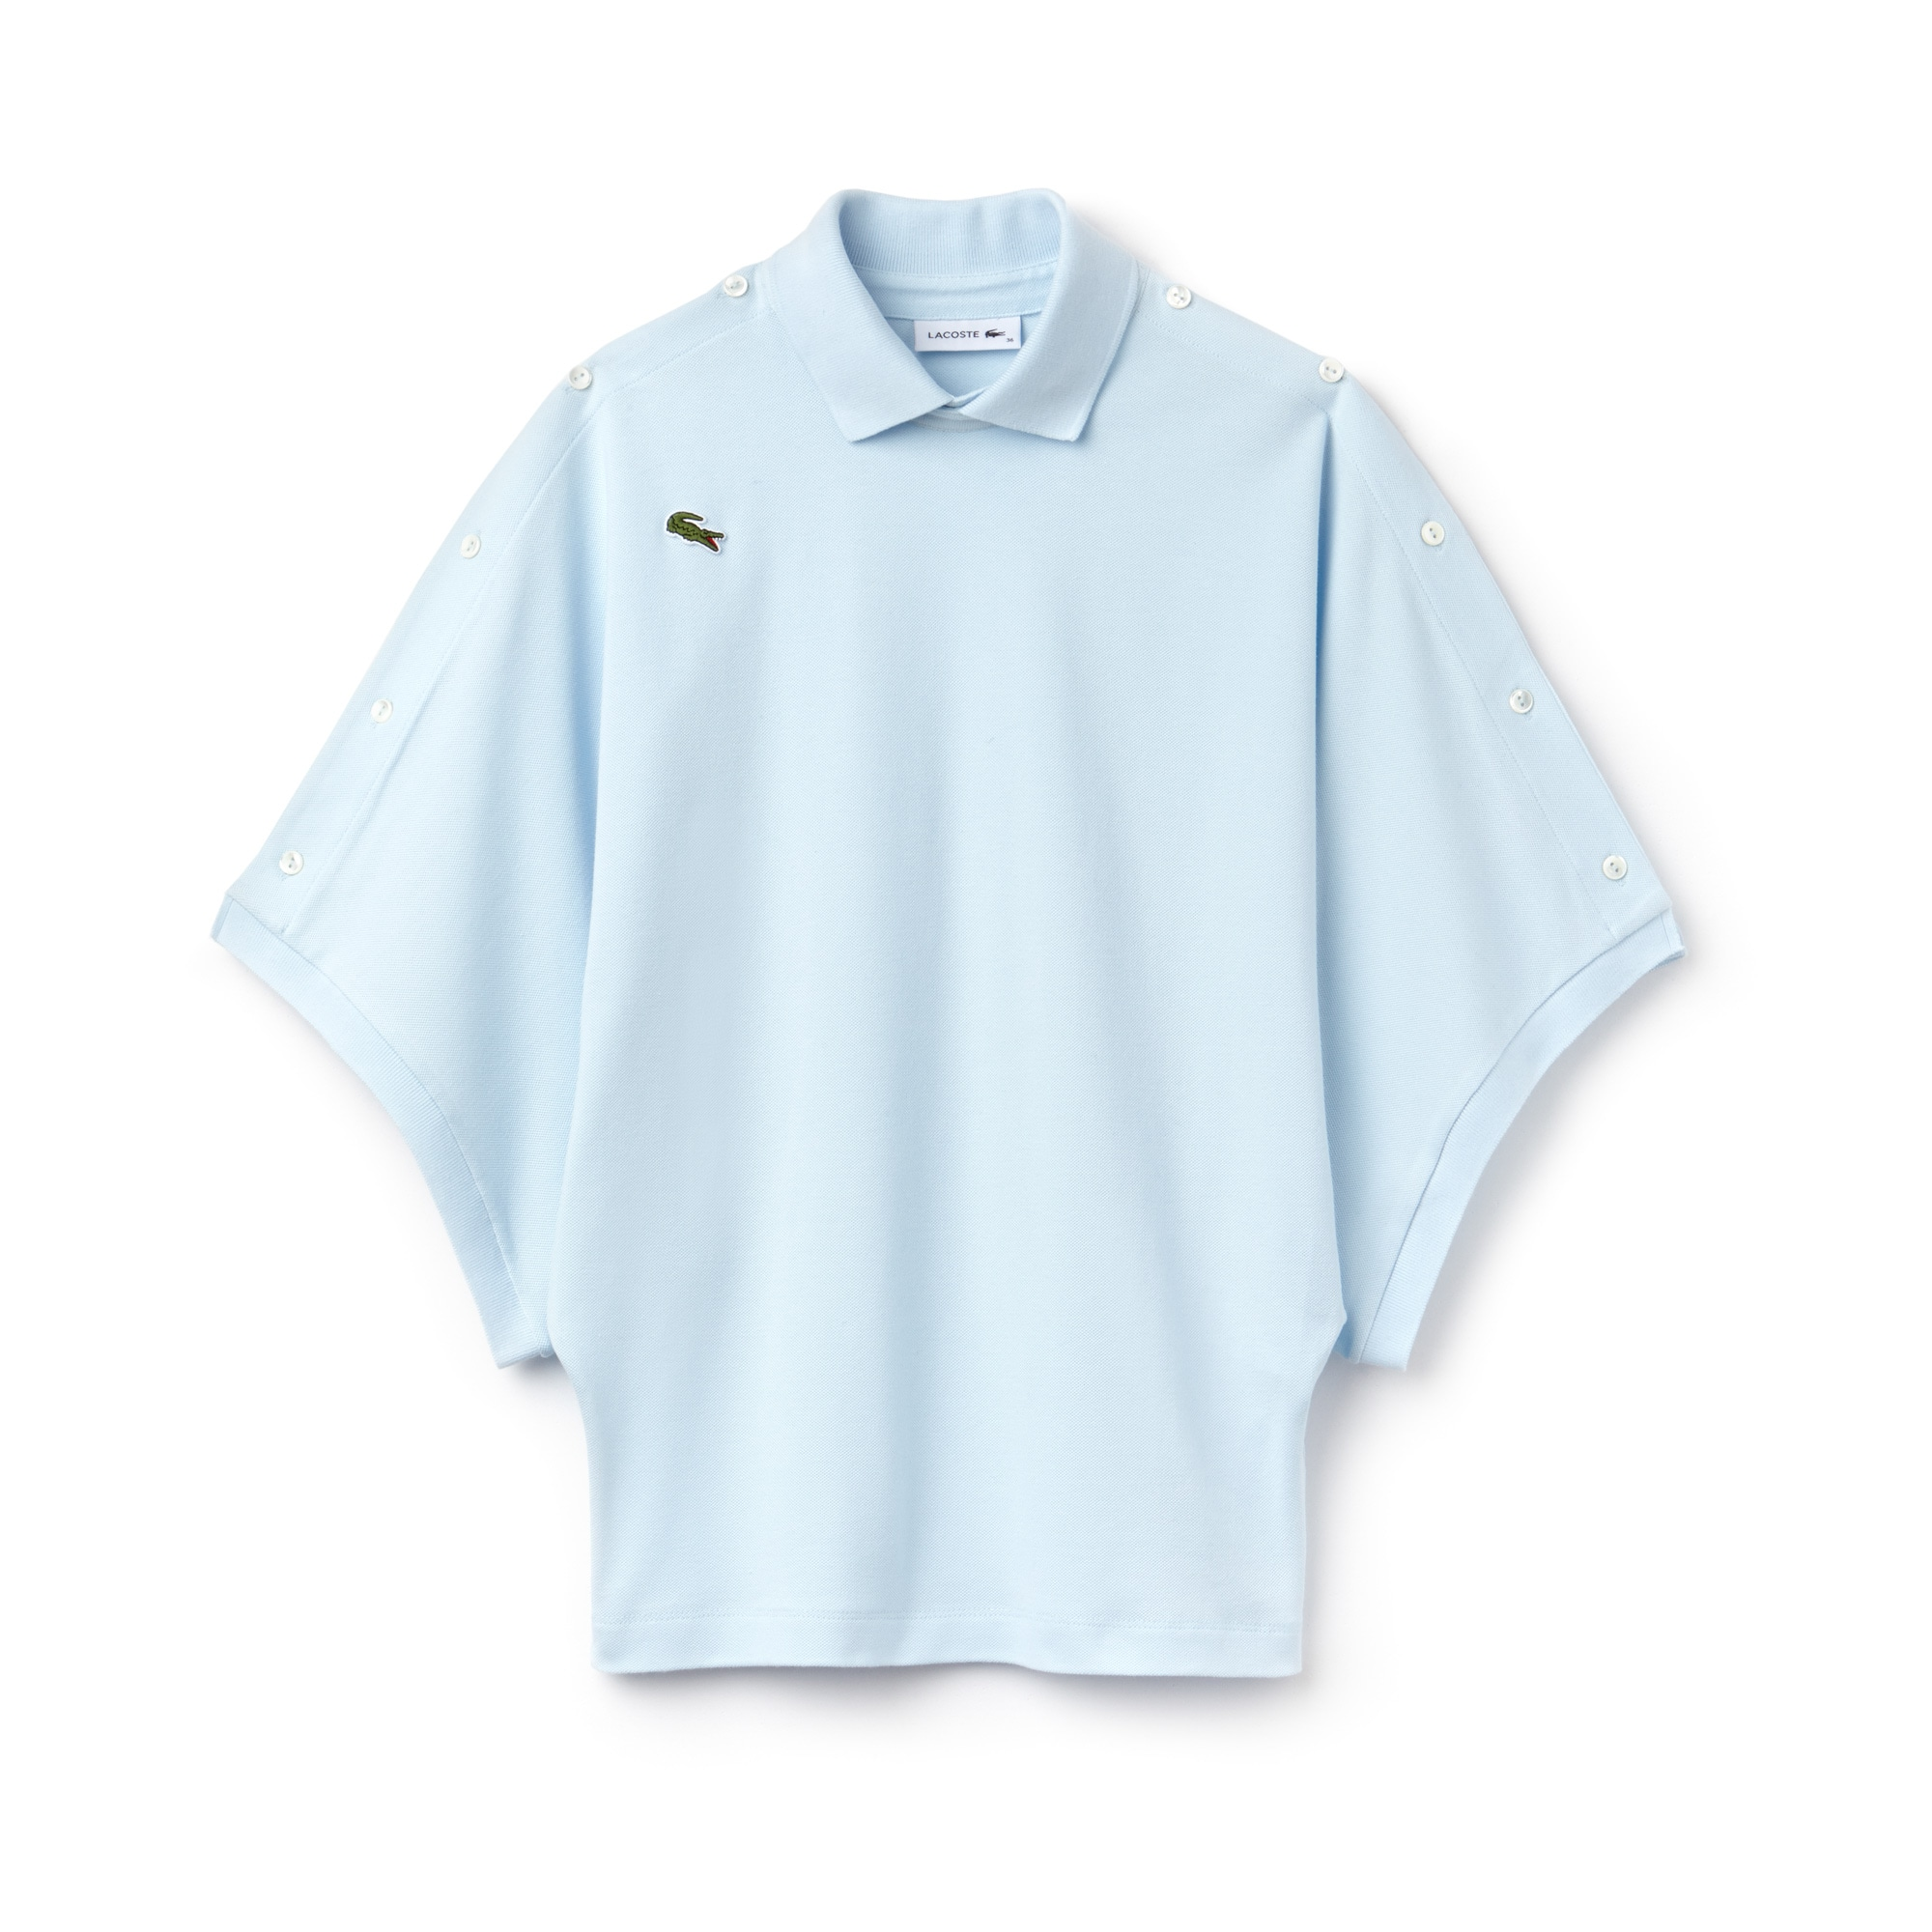 라코스테 반팔 카라티 Lacoste Womens Fashion Show Loose Fit Buttoned Sleeves Cotton Pique Polo,mist